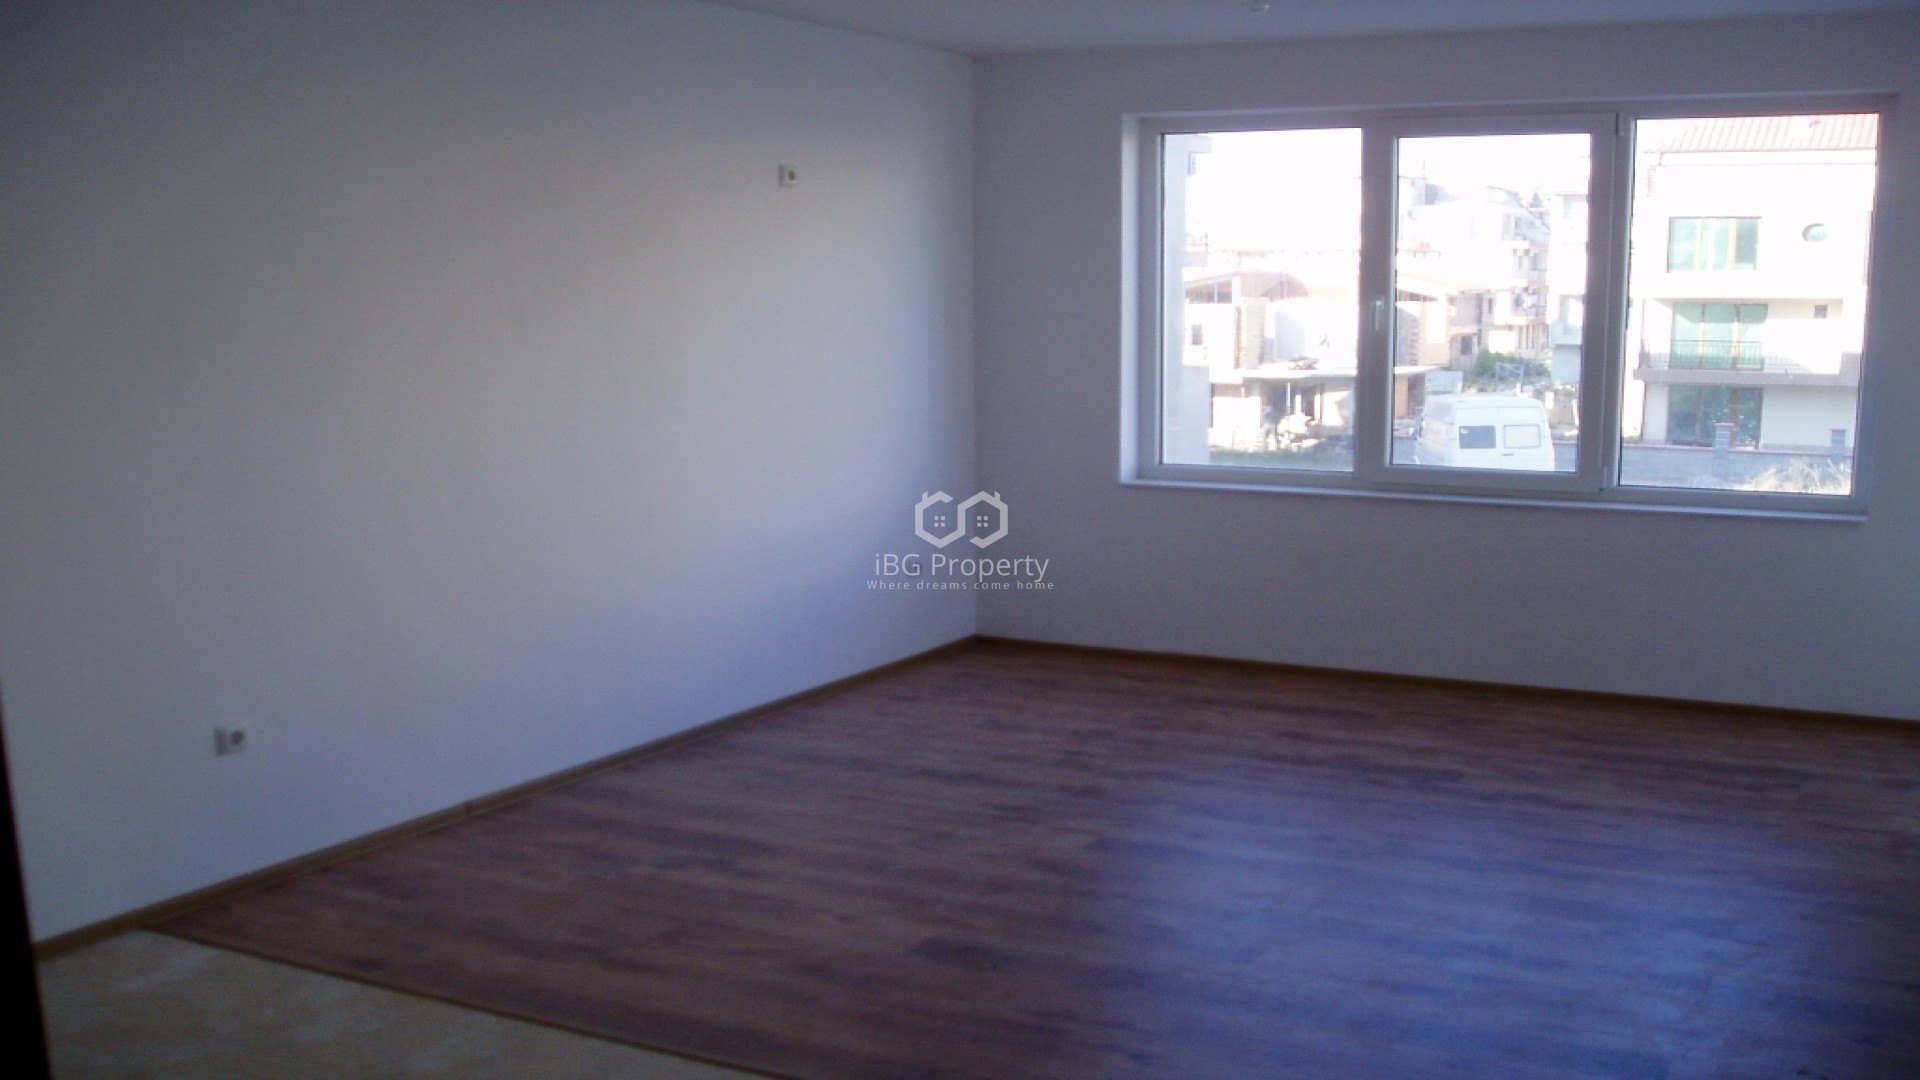 Двустаен апартамент Черно море Несебър 50 m2